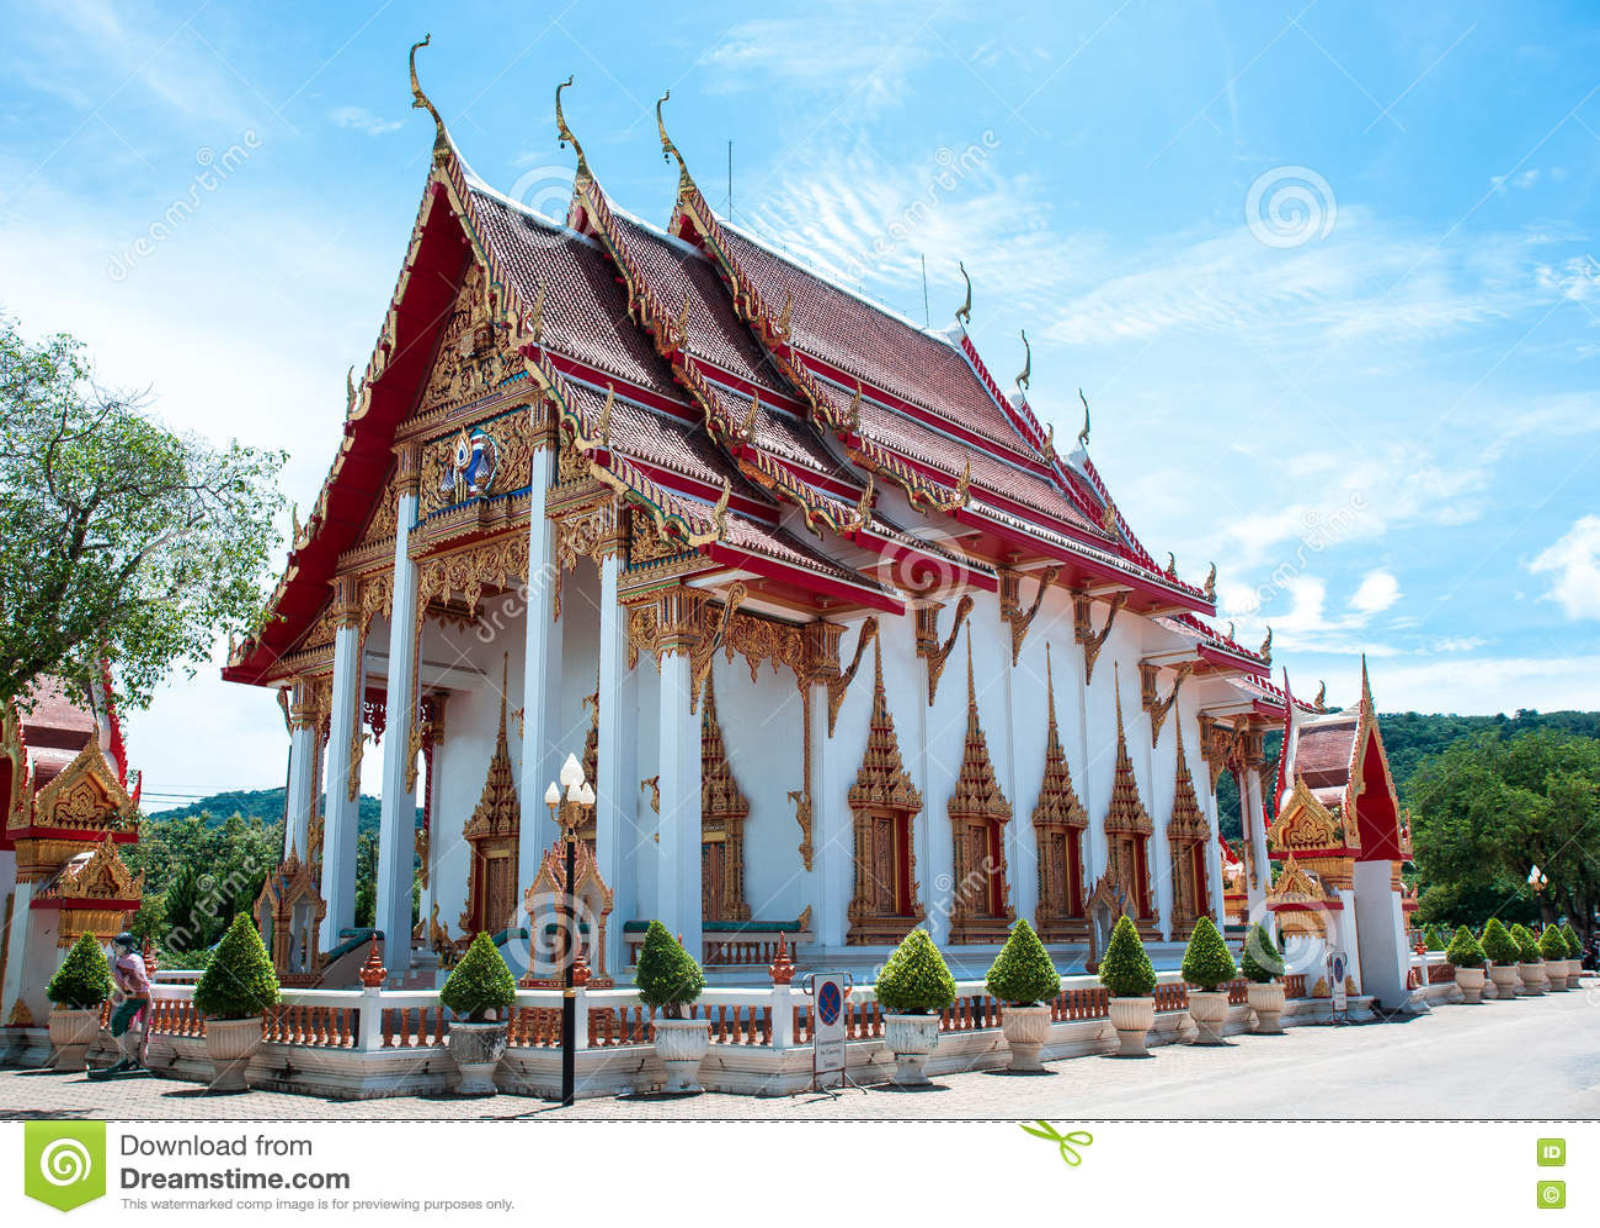 Il complesso del tempio di Wat Chalong a Phuket, Tailandia